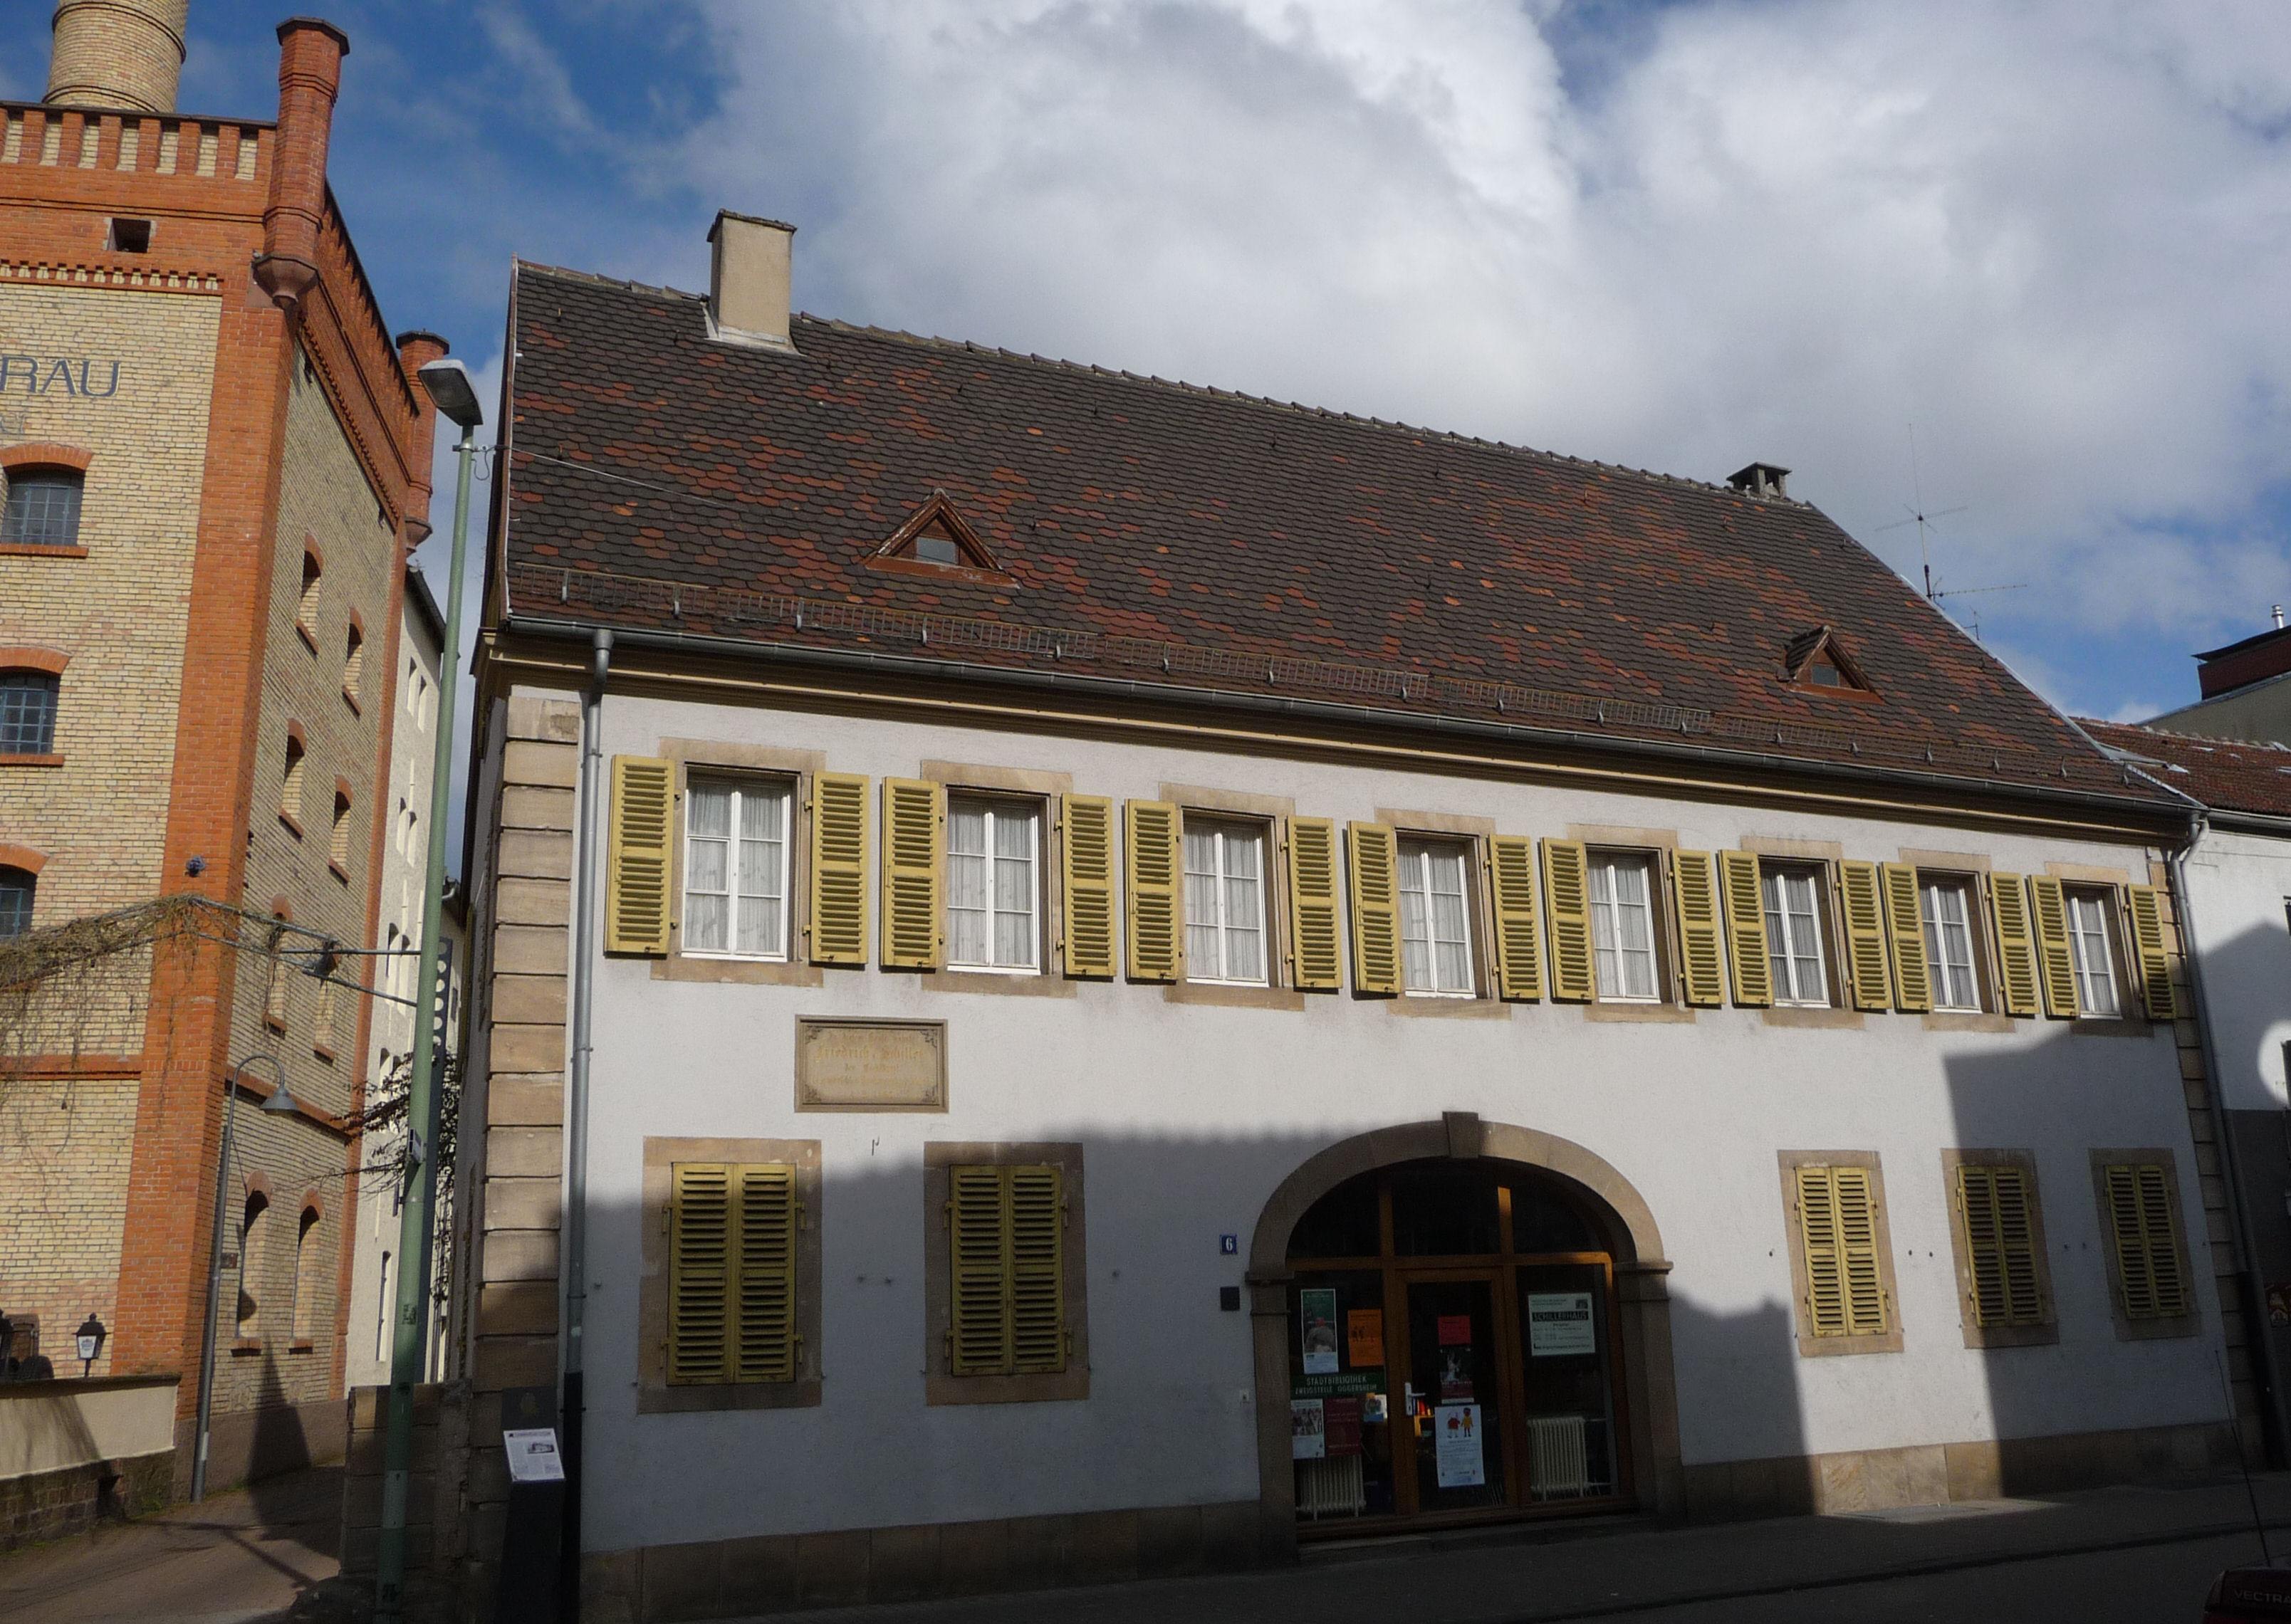 Liste der Kulturdenkmäler in LudwigshafenOggersheim